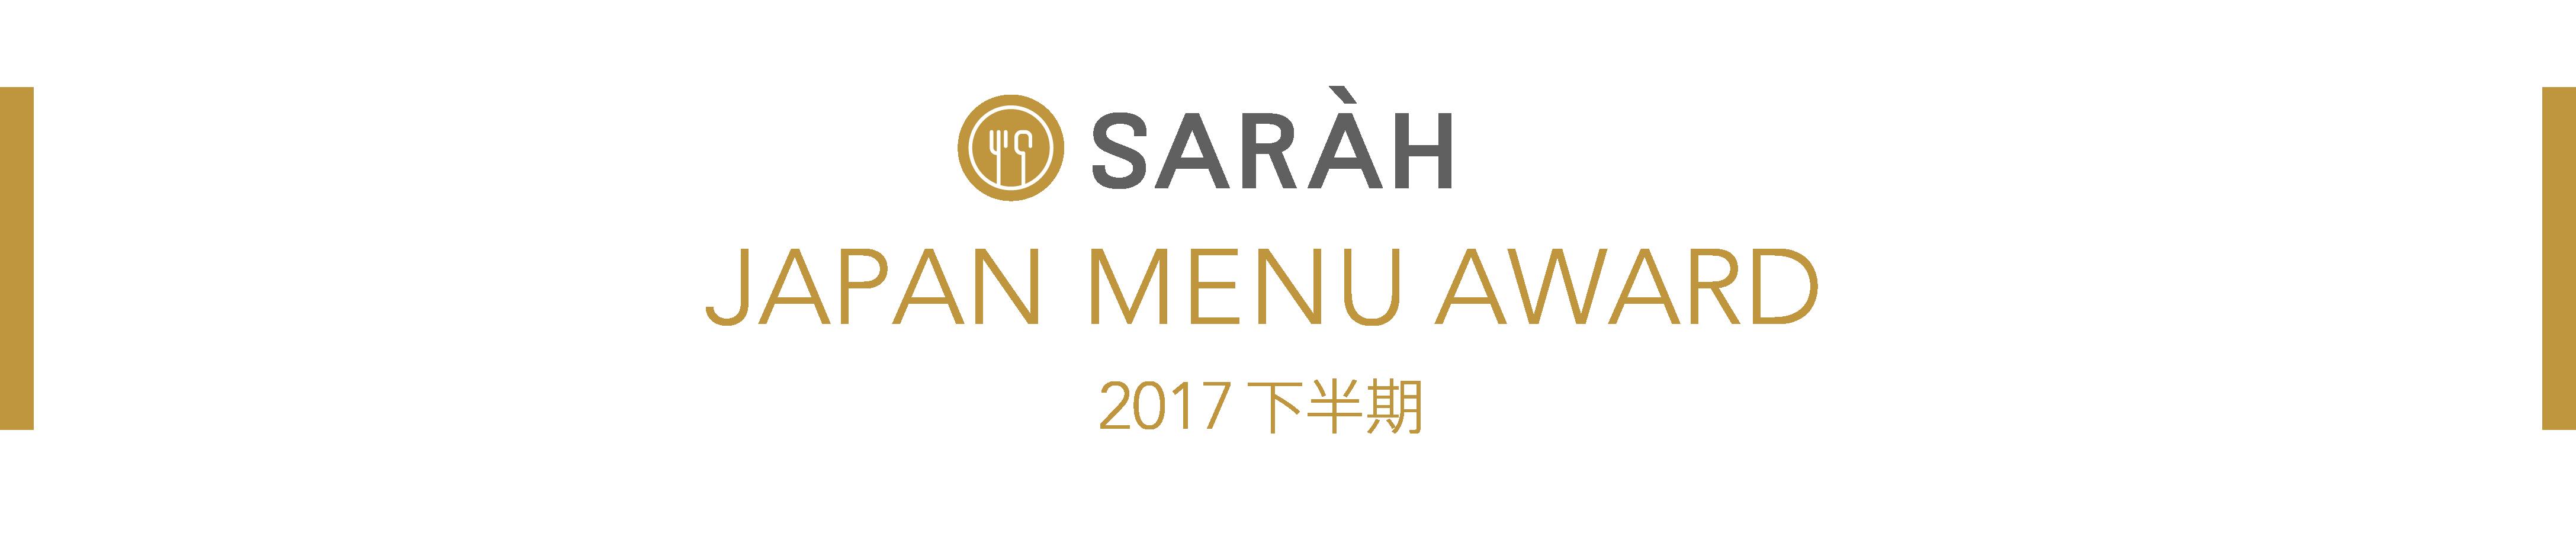 Japan Menu Award 2017下半期